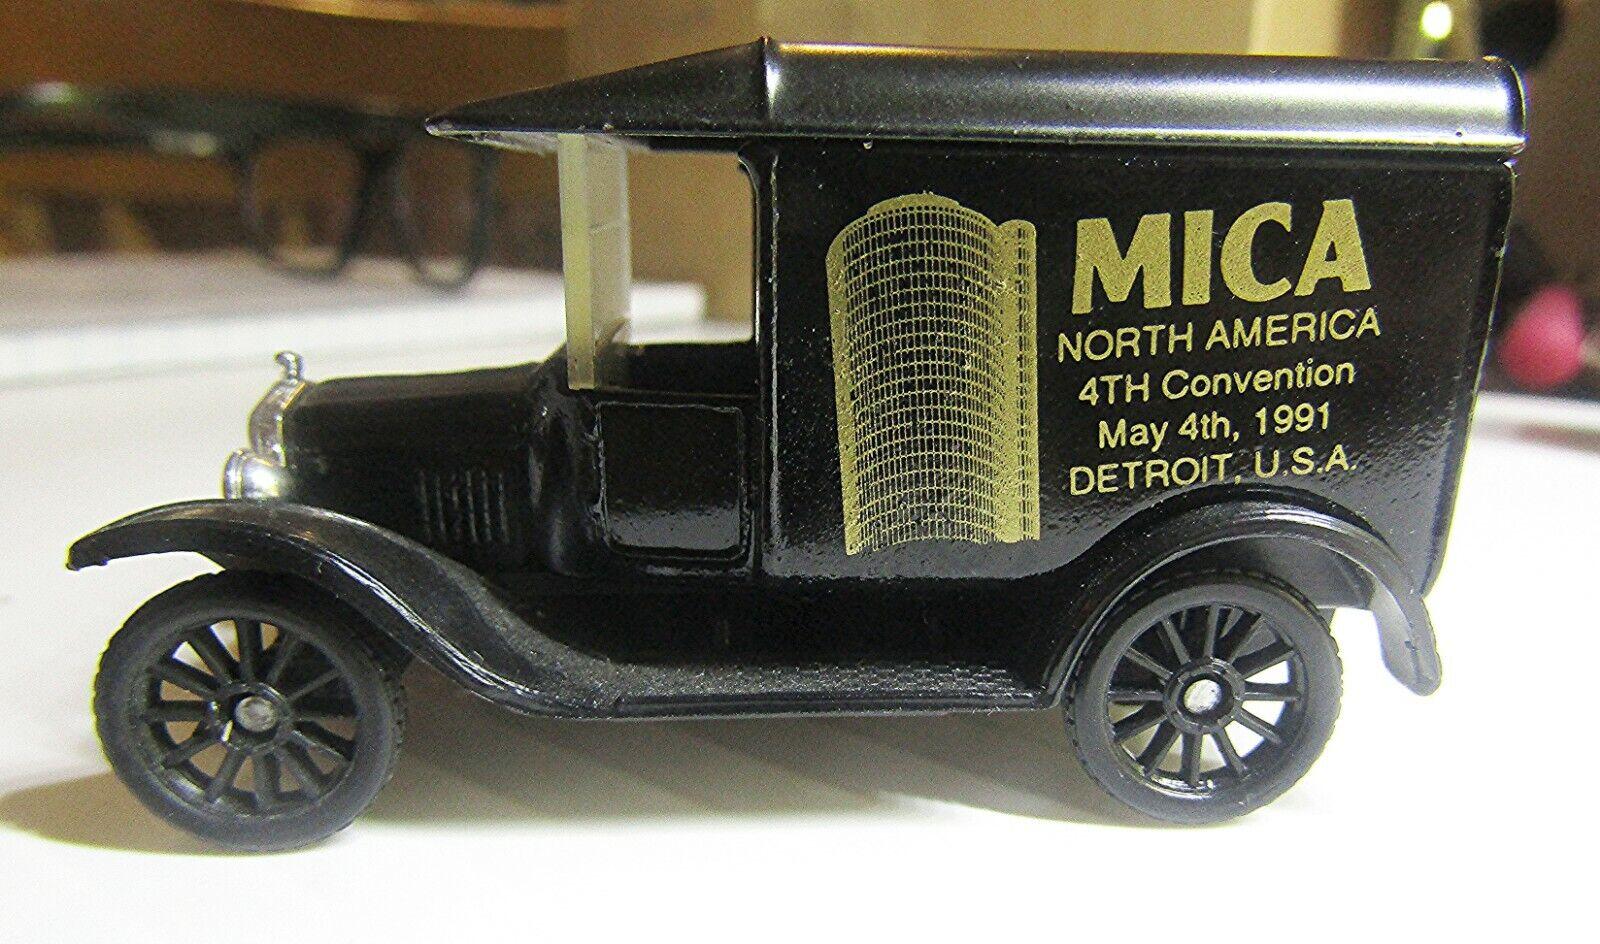 suministro de productos de calidad Vintage Matchbox código 2 antaño Ford modelo T de    1921  1991 Mica nth America  liquidación hasta el 70%